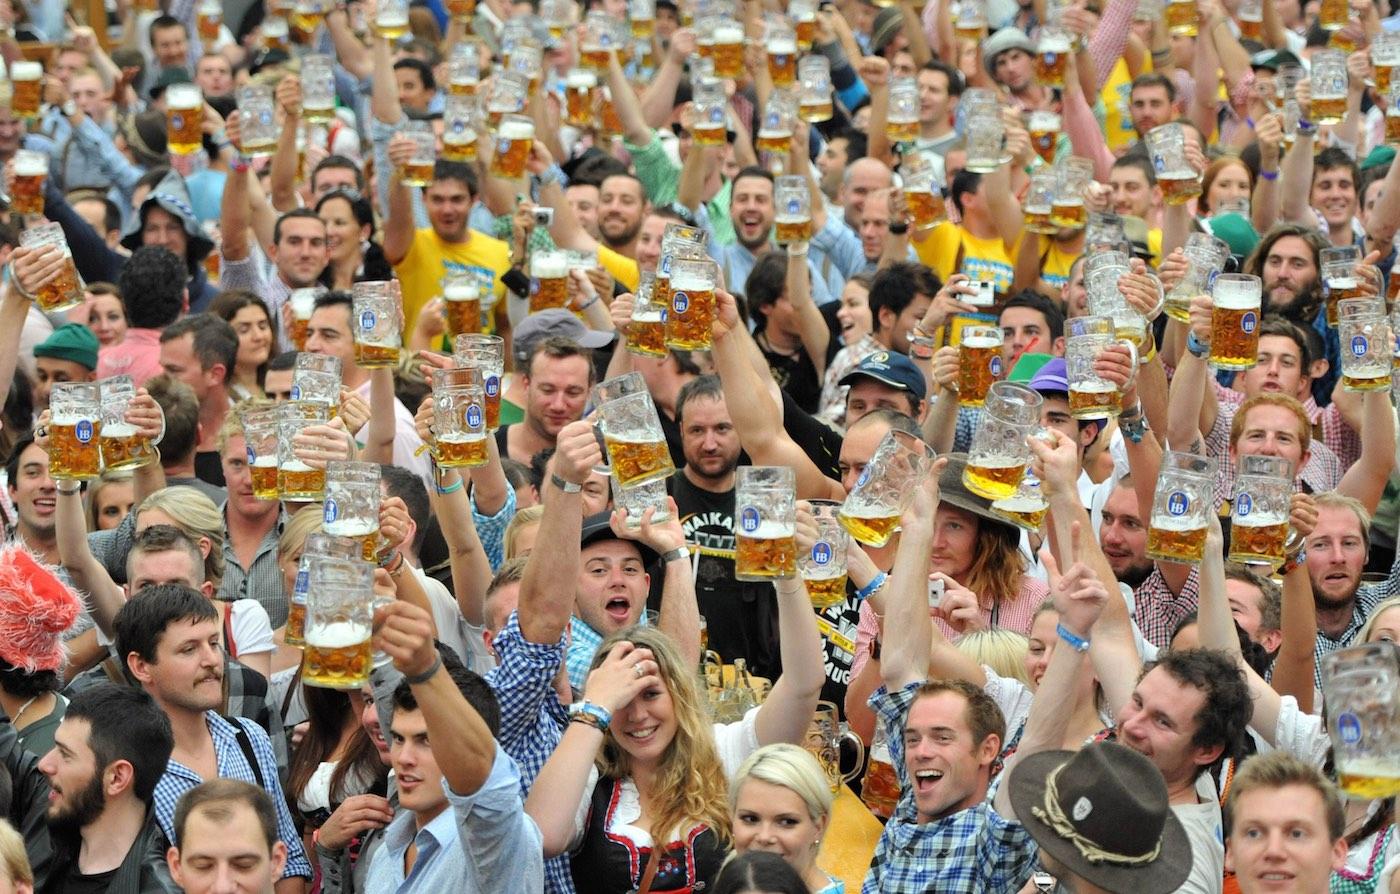 How to Celebrate Oktoberfest How to Celebrate Oktoberfest new foto